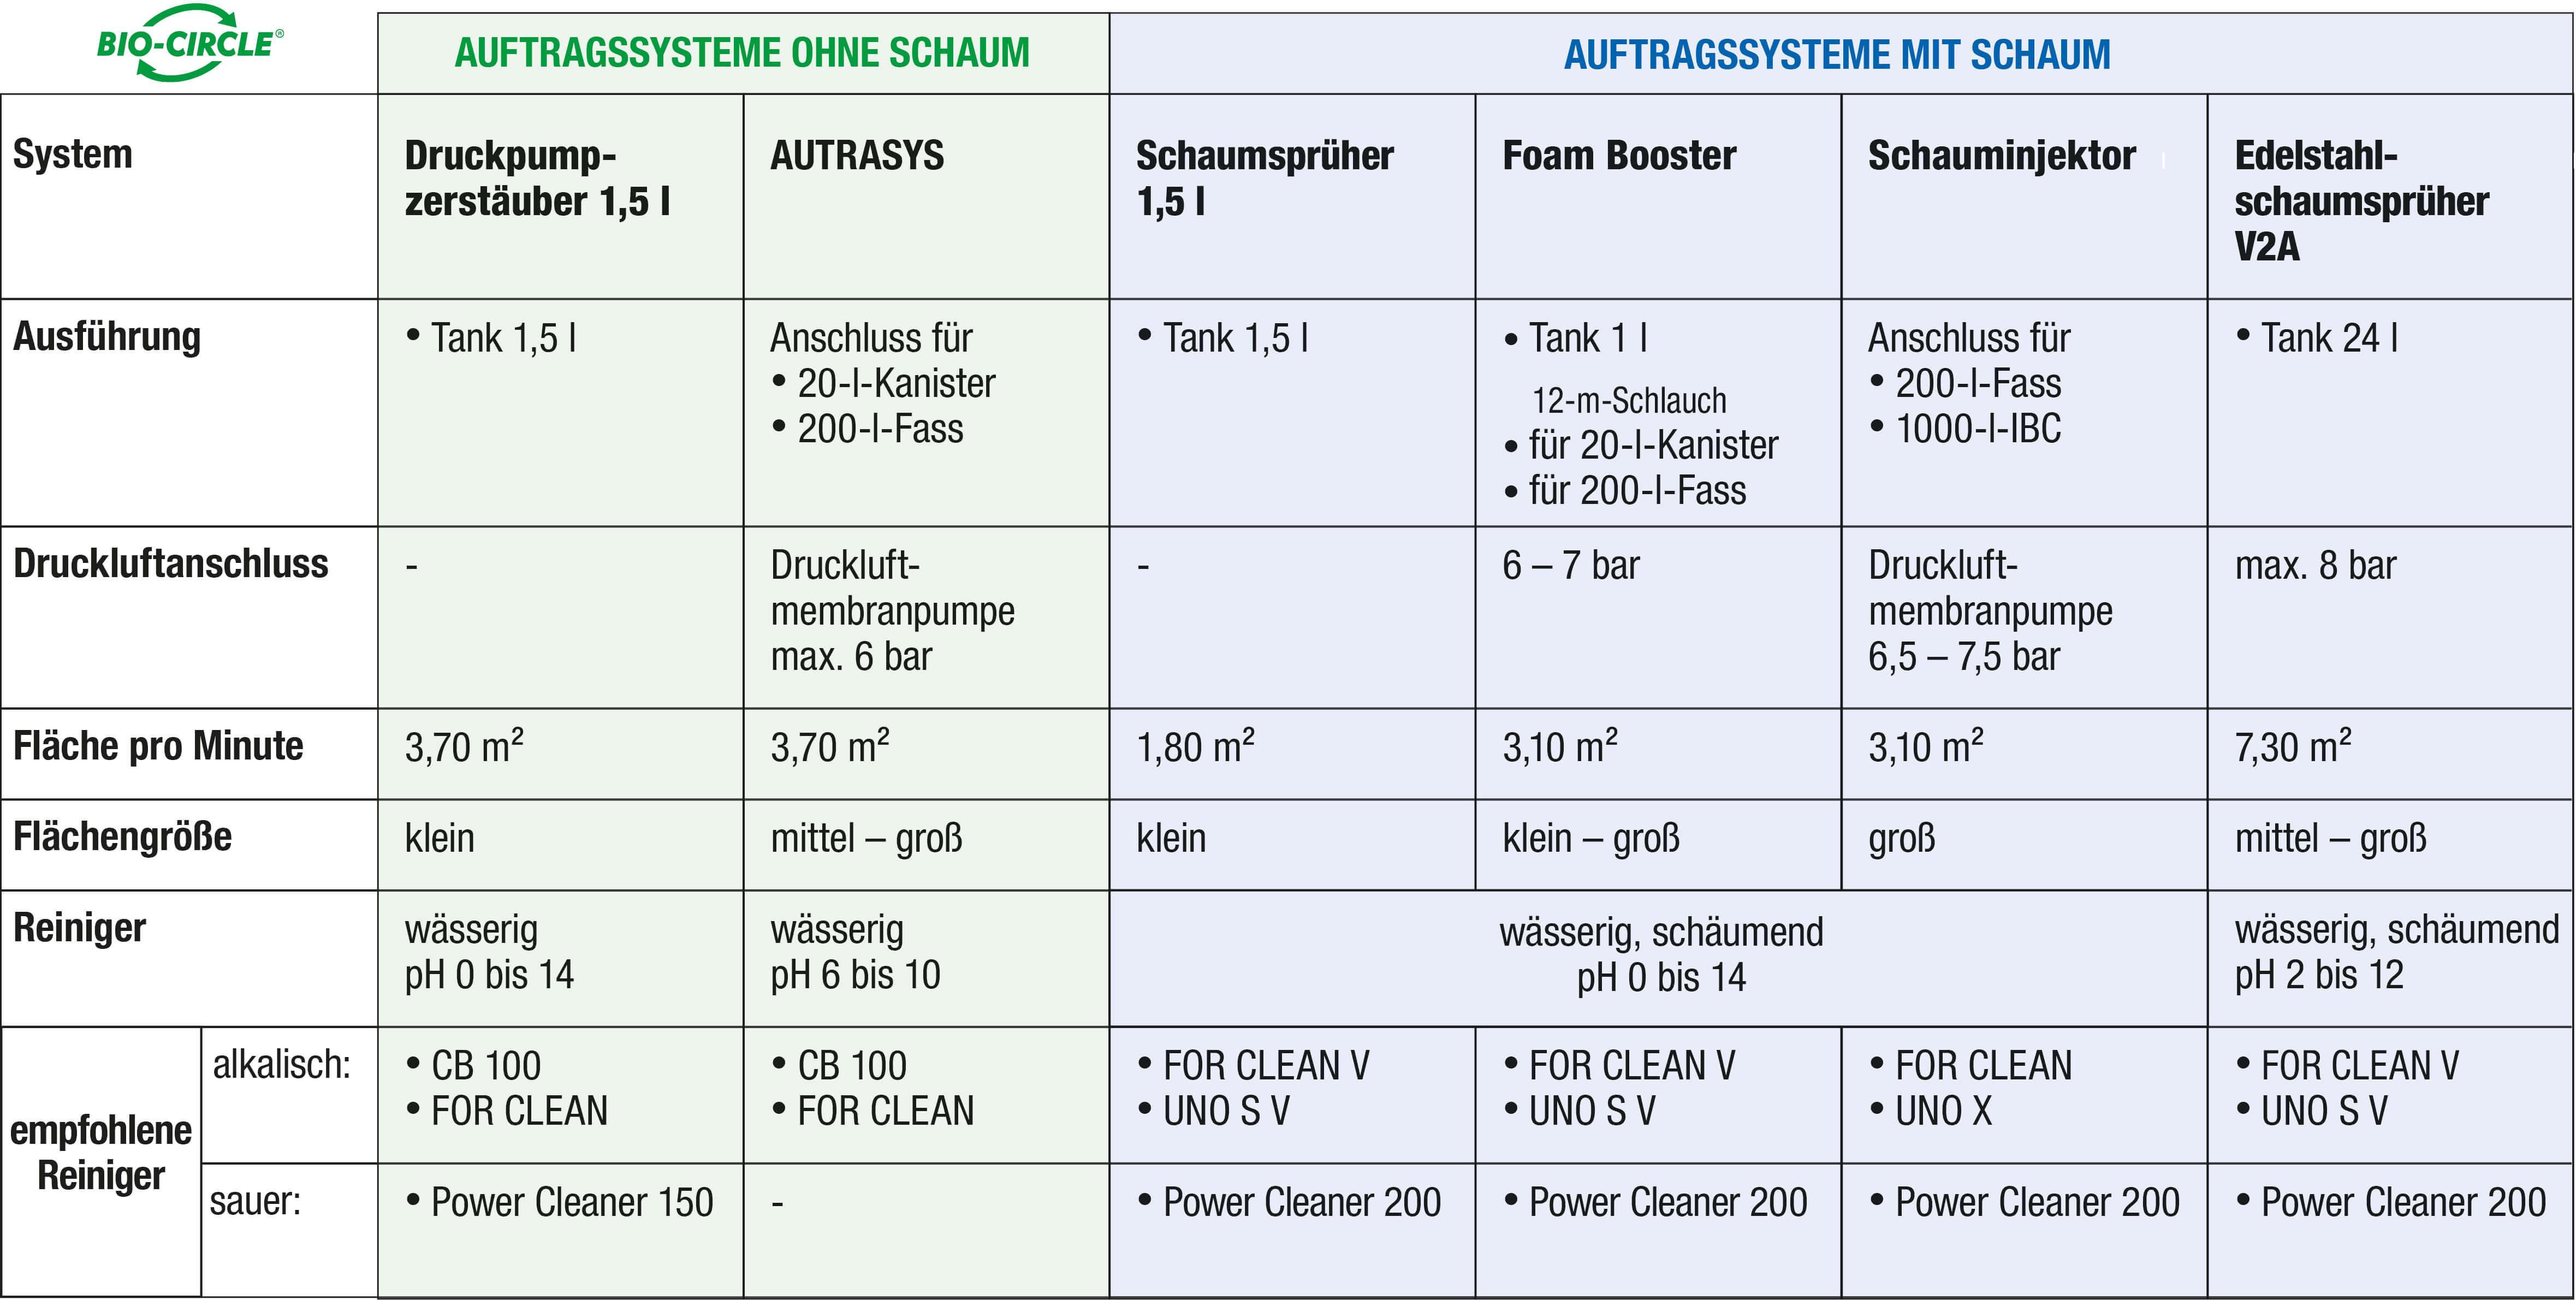 Auftragssysteme_TAB-Vergleich